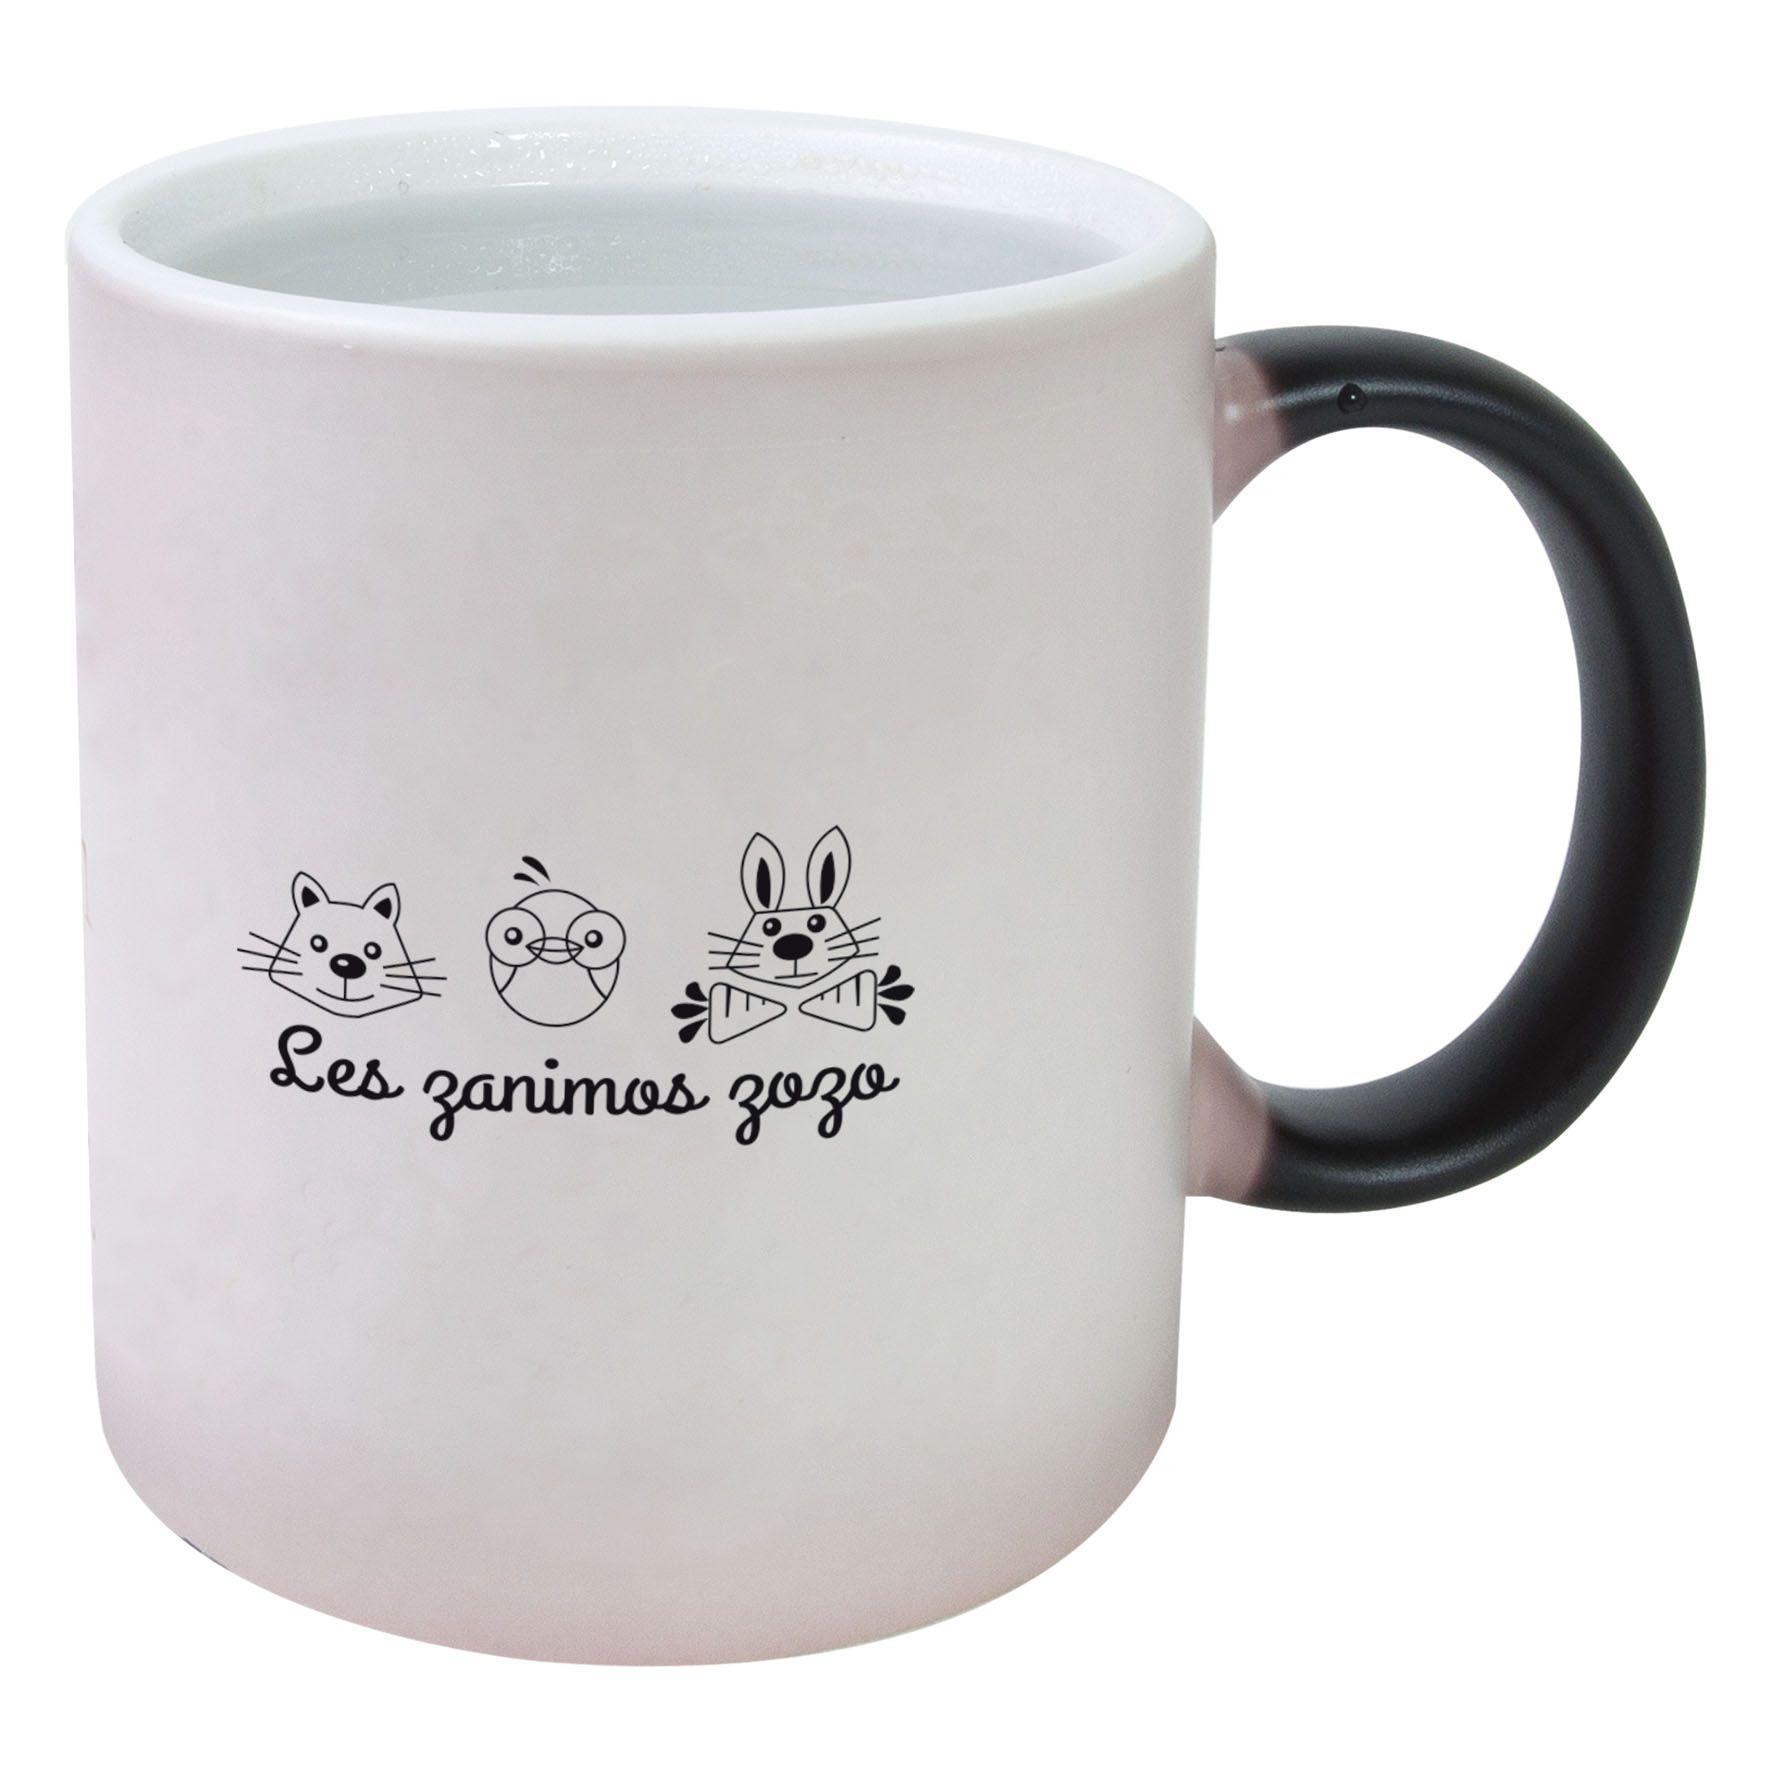 Cadeau promotionnel - Mug publicitaire magique 31cl